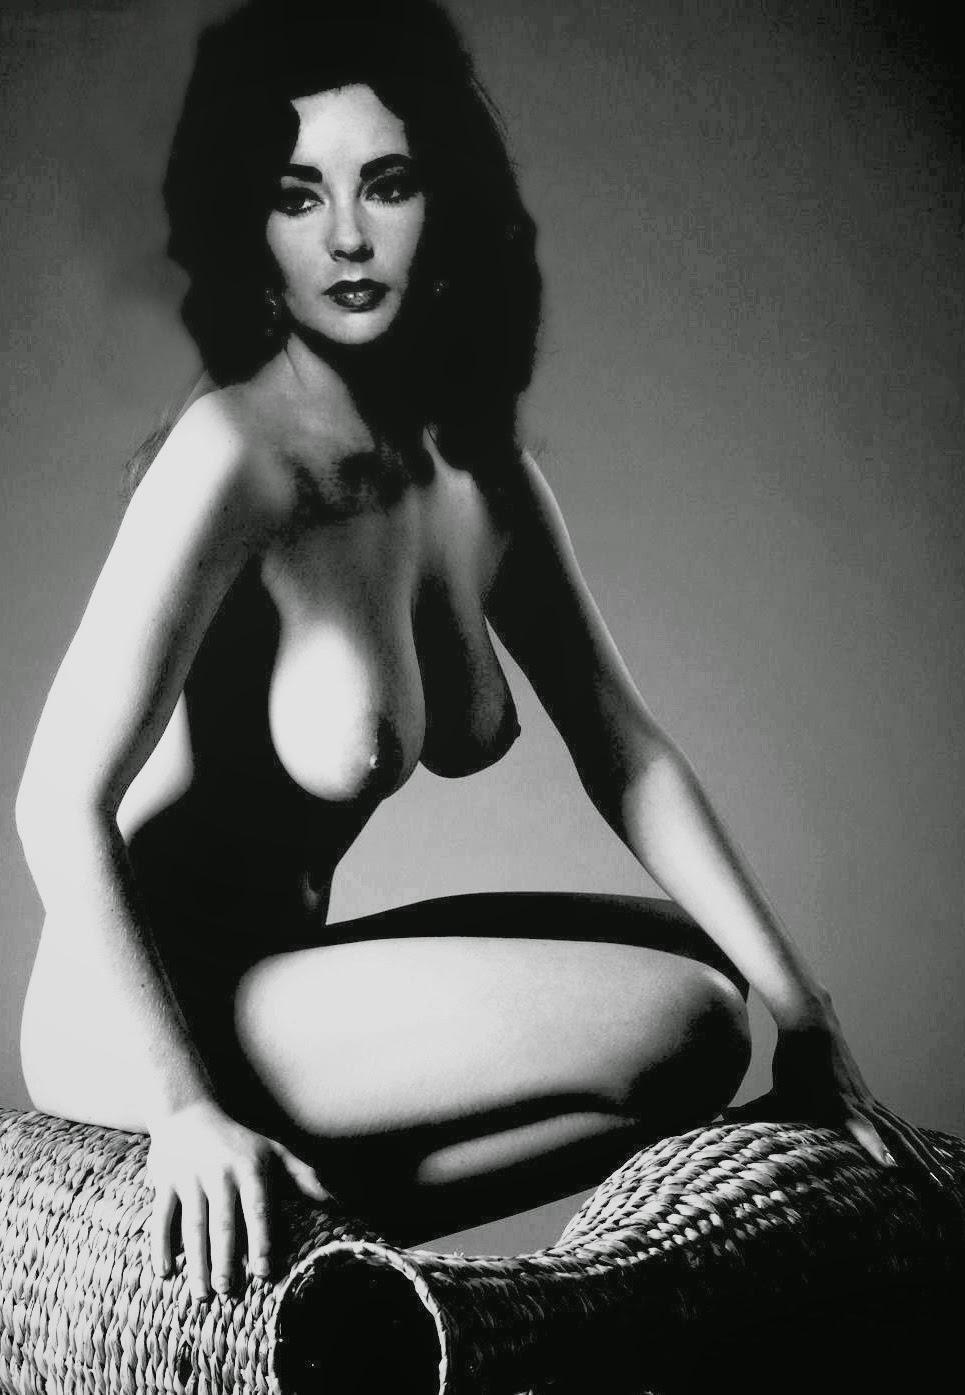 Elizabeth taylor nude having sex 1